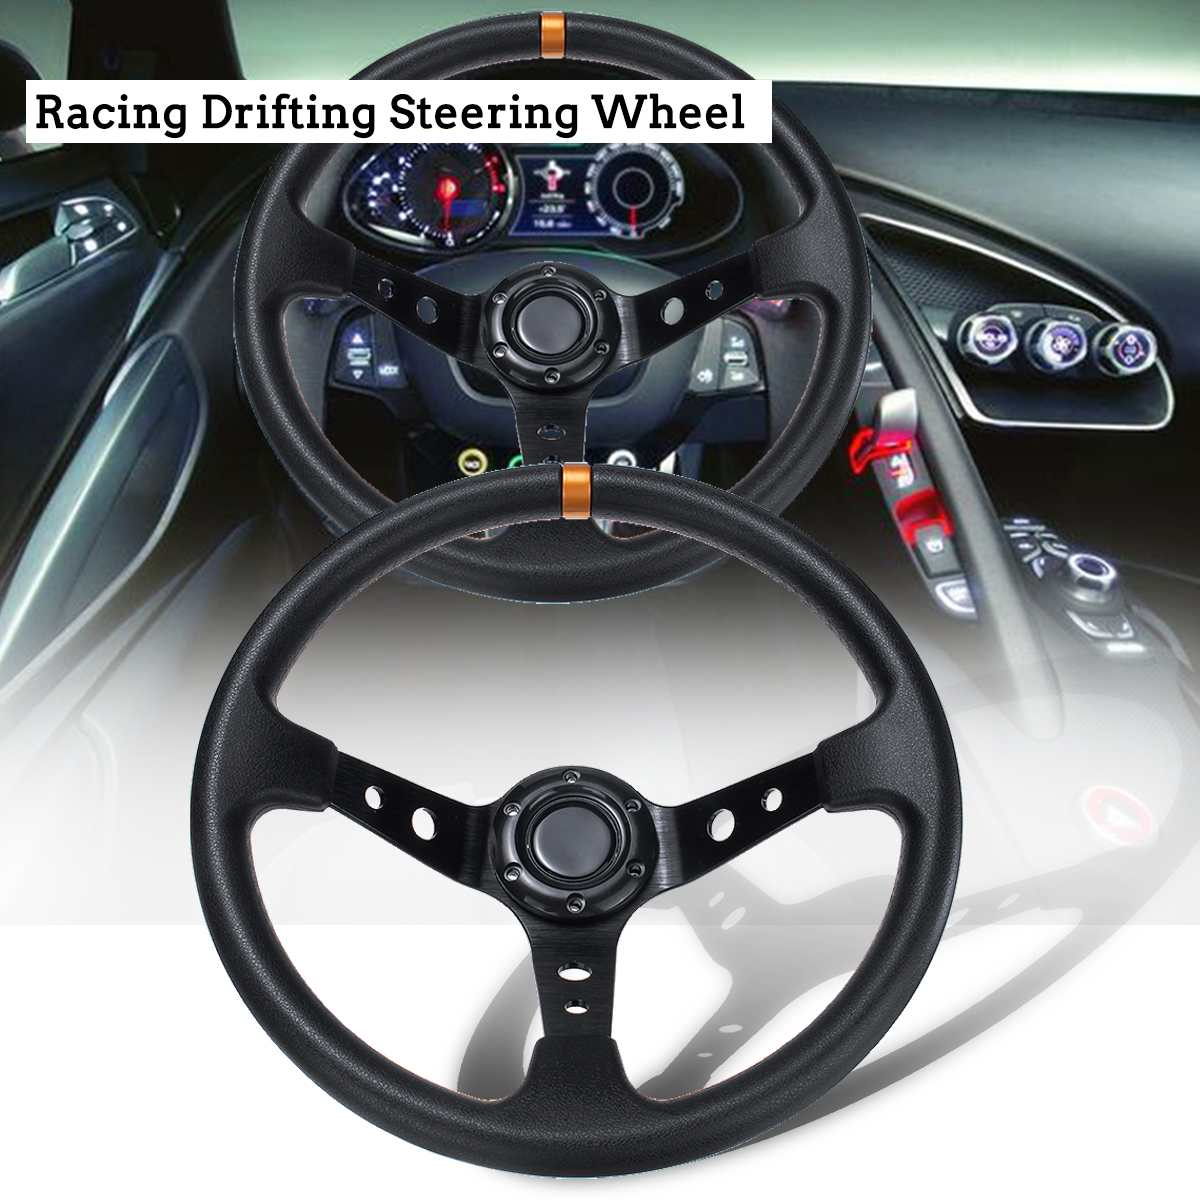 รถ Racing พวงมาลัยล้อกีฬาอัตโนมัติพวงมาลัย 14 นิ้ว 350 มม.PU และอลูมิเนียม Universal ข้าวโพดลึกจานดัดแปลงอะ...